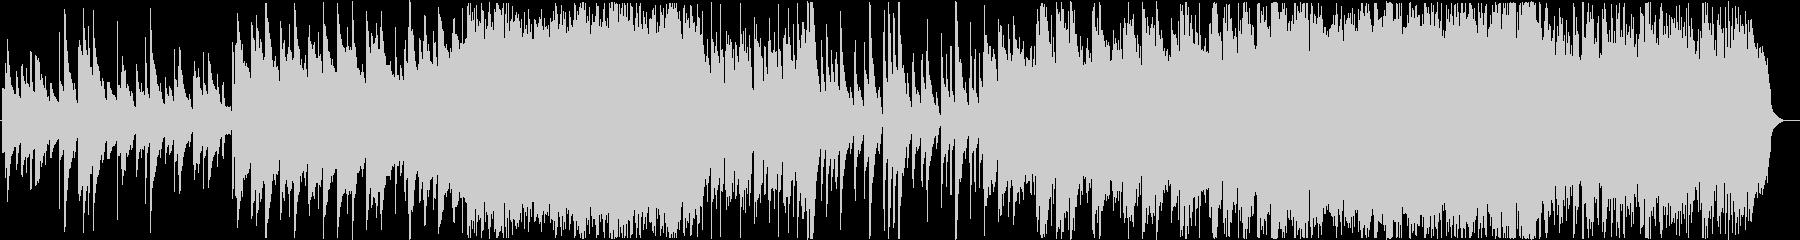 結婚式 感動 オルゴールのオーケストラの未再生の波形